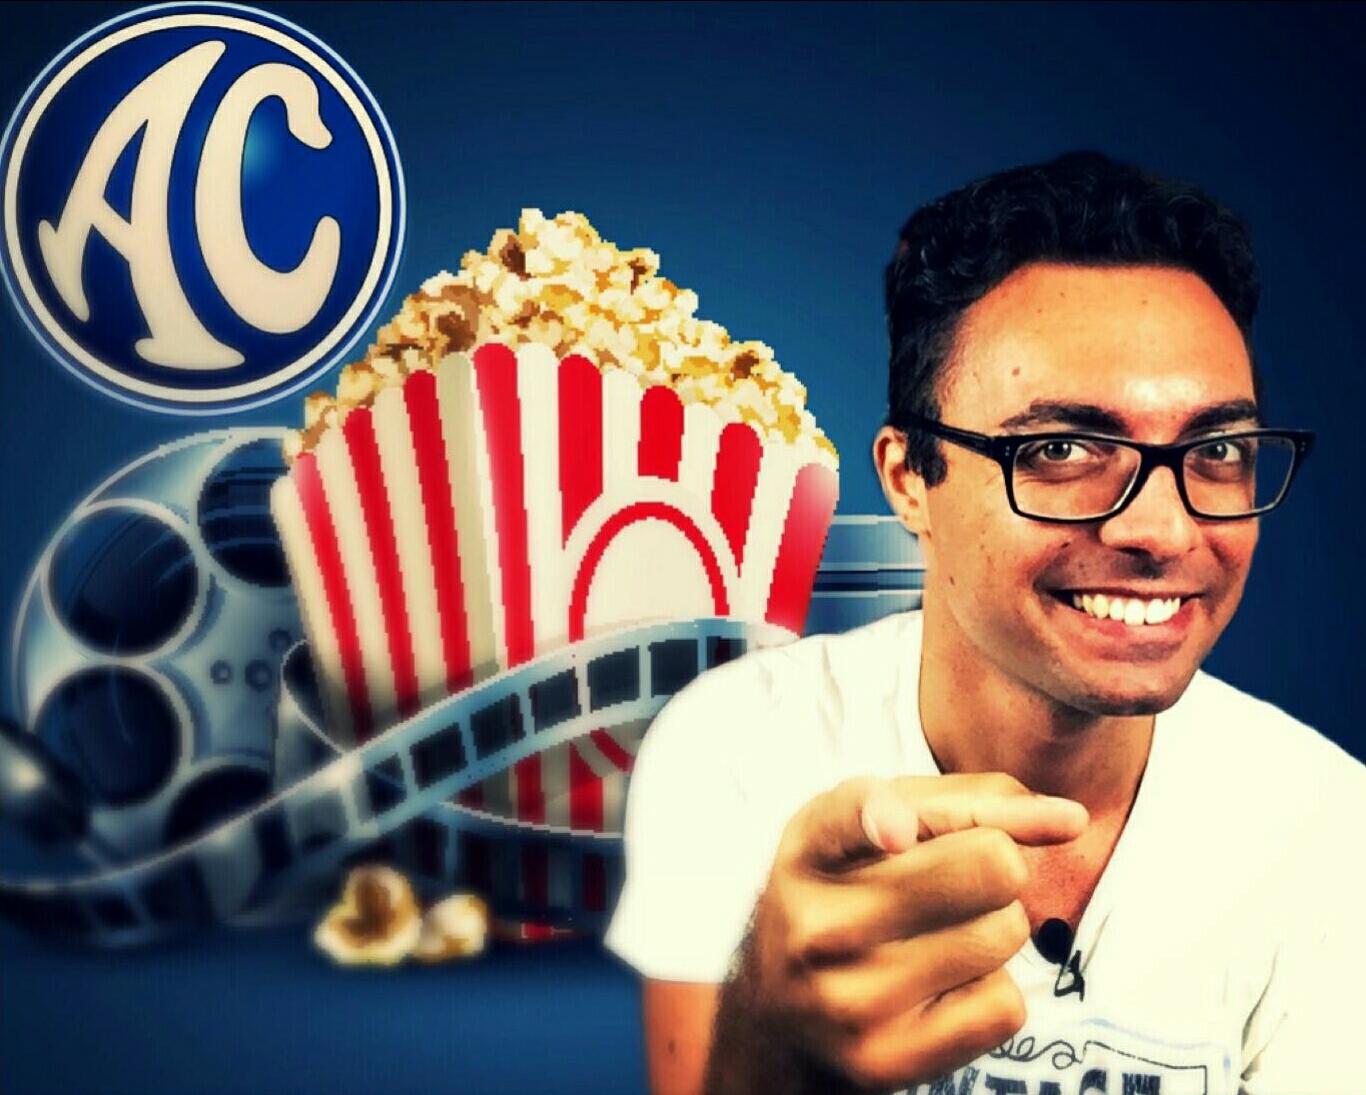 Antonio Cianci IlRaccattaFilm